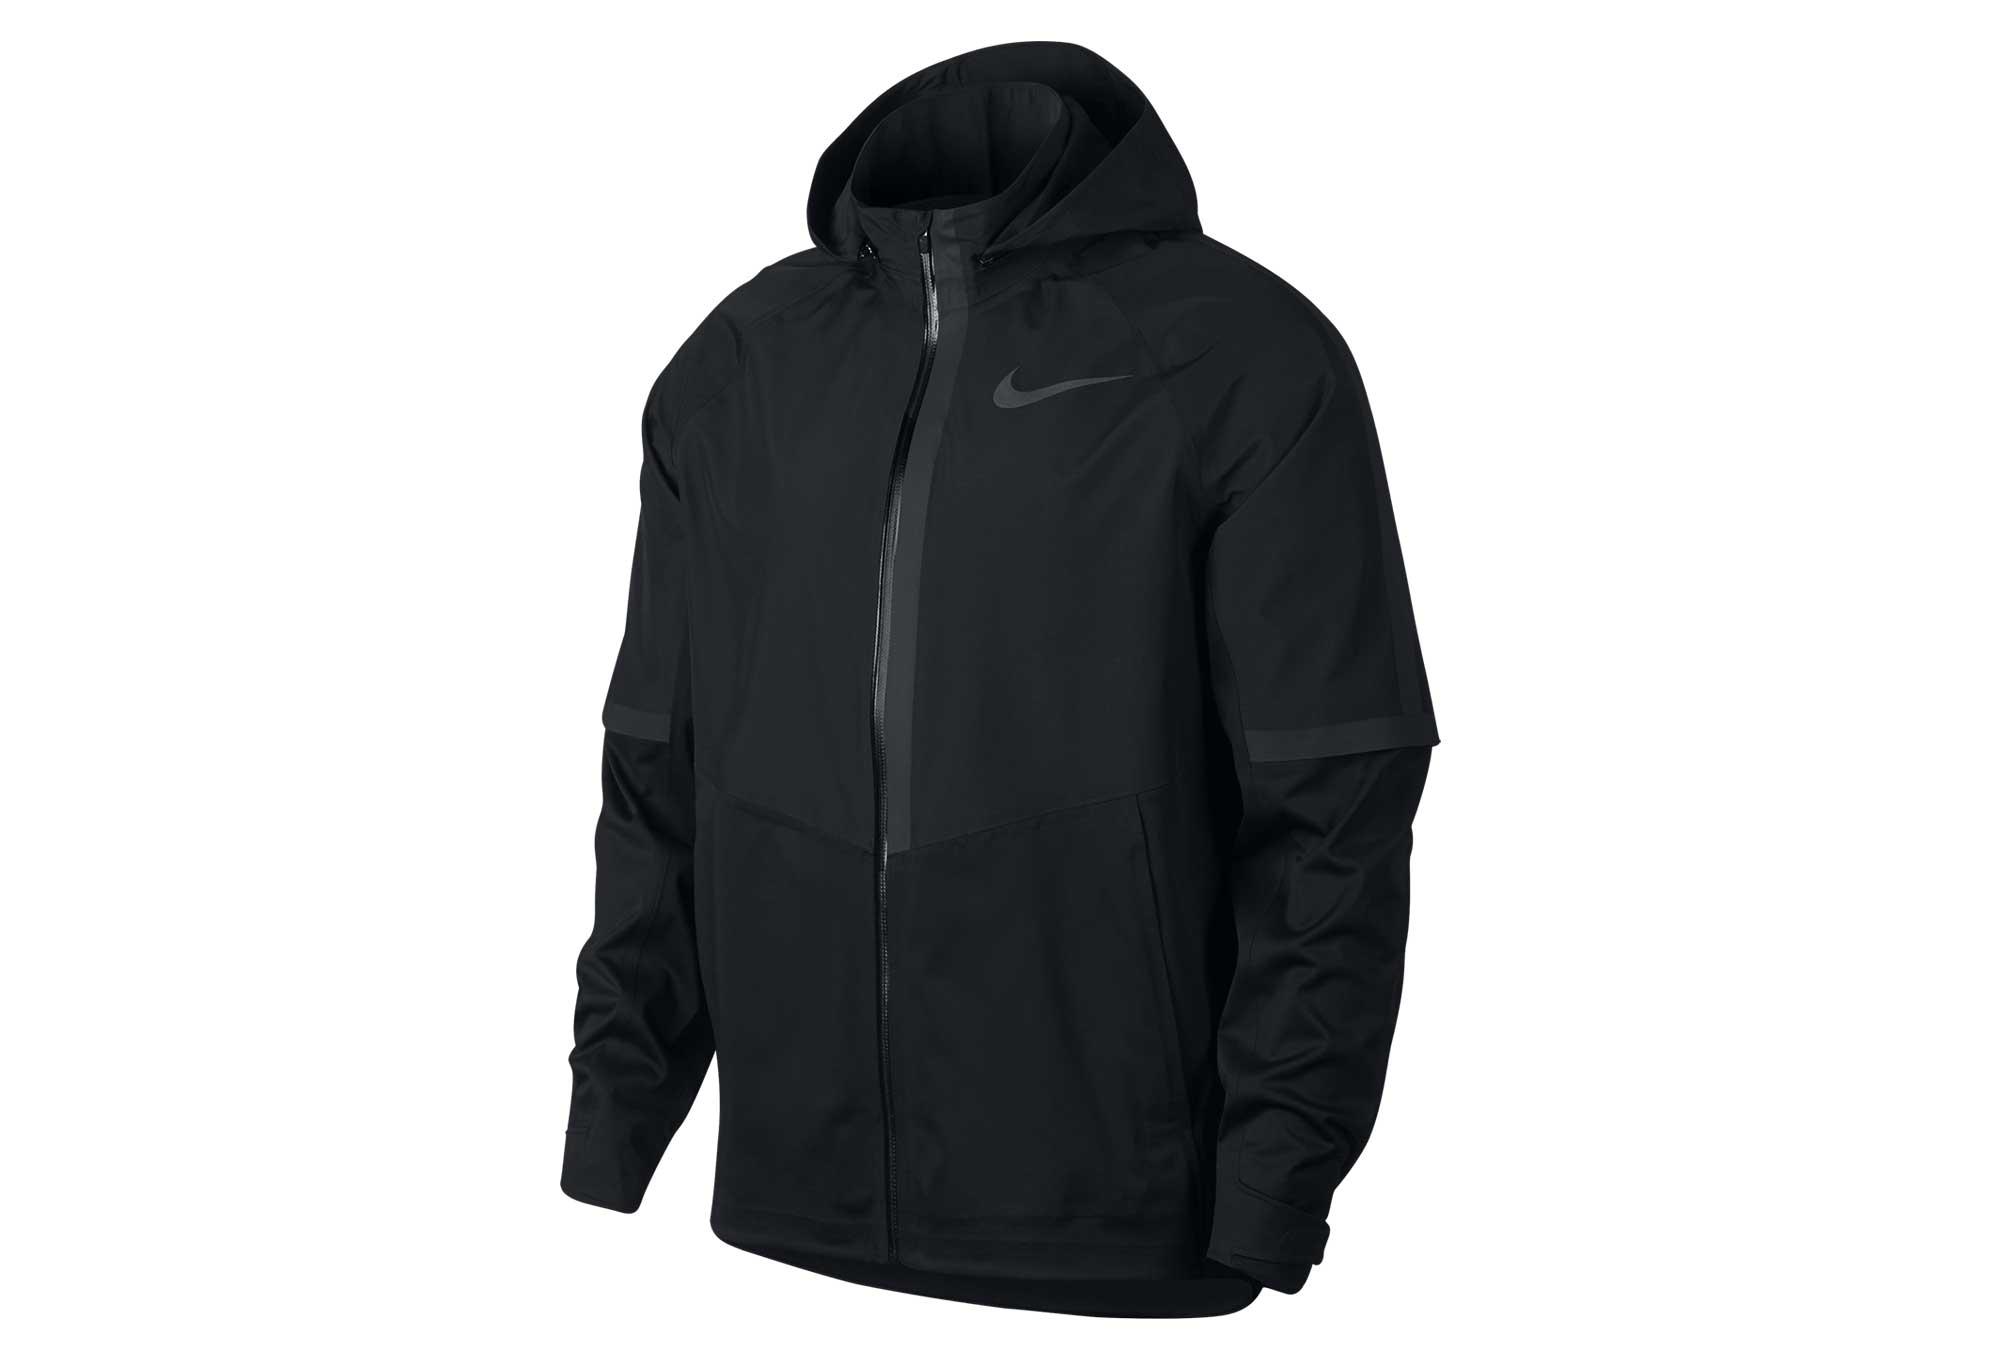 Noir Imperméable Nike Homme Veste Aeroshield txCfzwqX